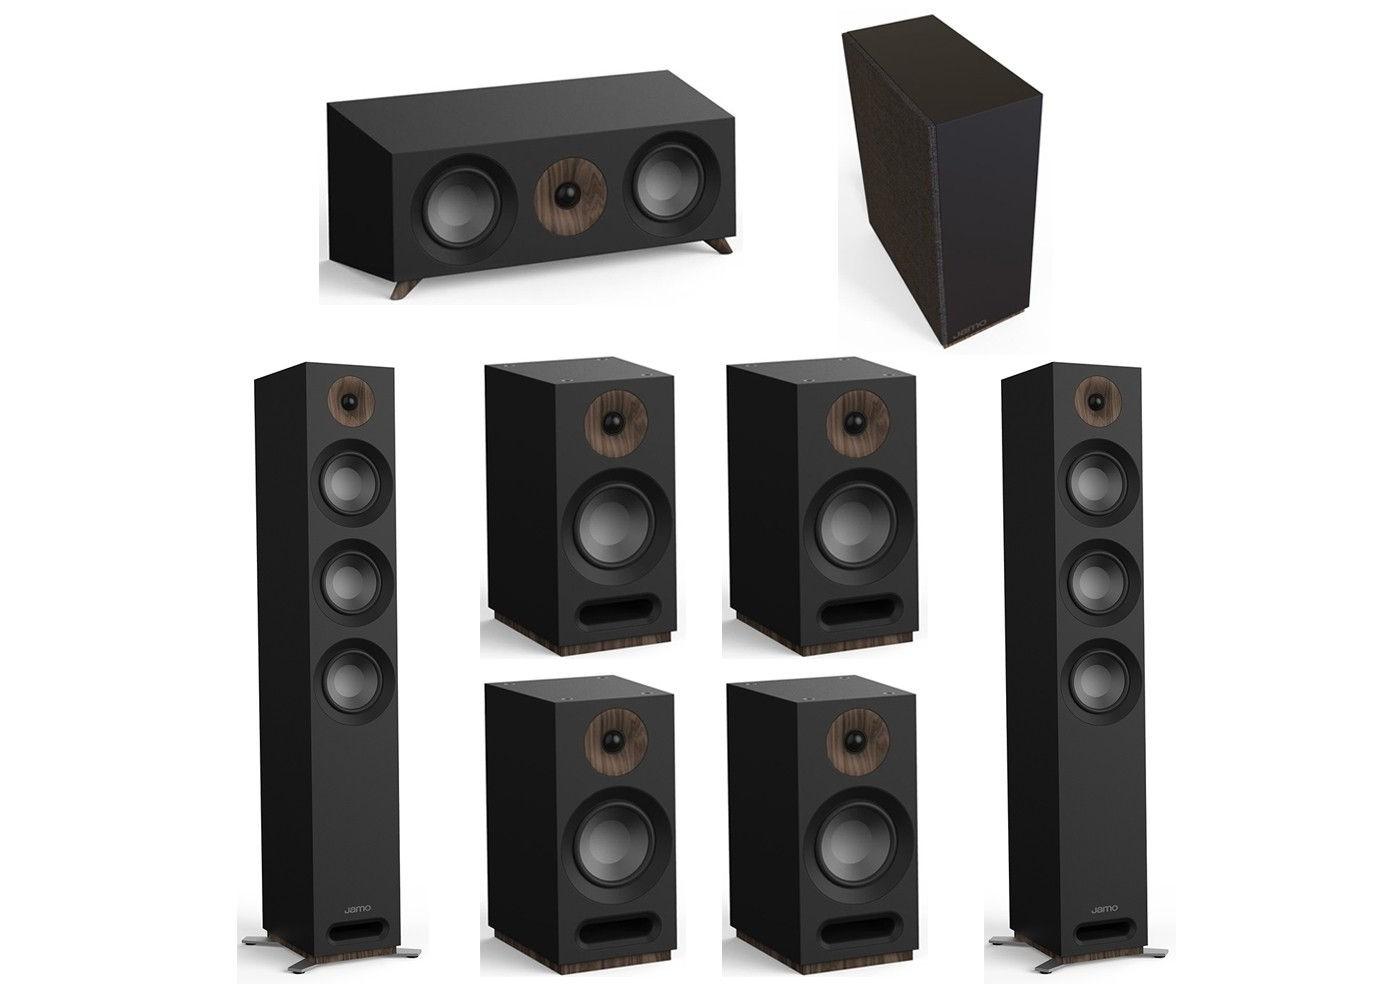 Jamo Studio Series 7 1 System with 2 Jamo S 809 Floorstanding Speakers, 1  Jamo S 83 Center Speaker, 4 S 803 Bookshelf Speakers, 1 Jamo S 810 Subwoofer